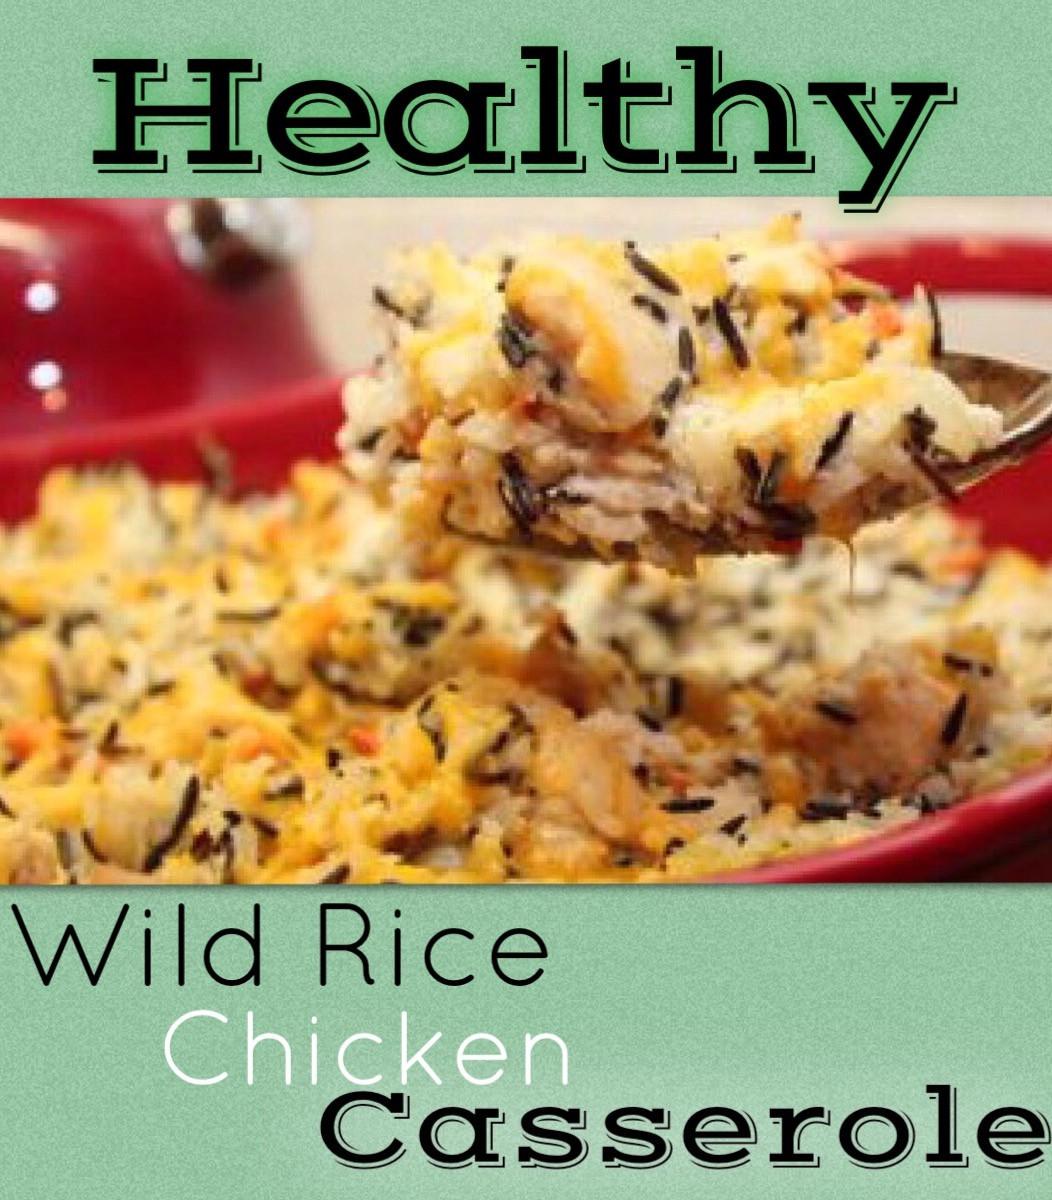 Healthy Chicken And Wild Rice Casserole  Wild Rice & Chicken Casserole Healthy Recipes